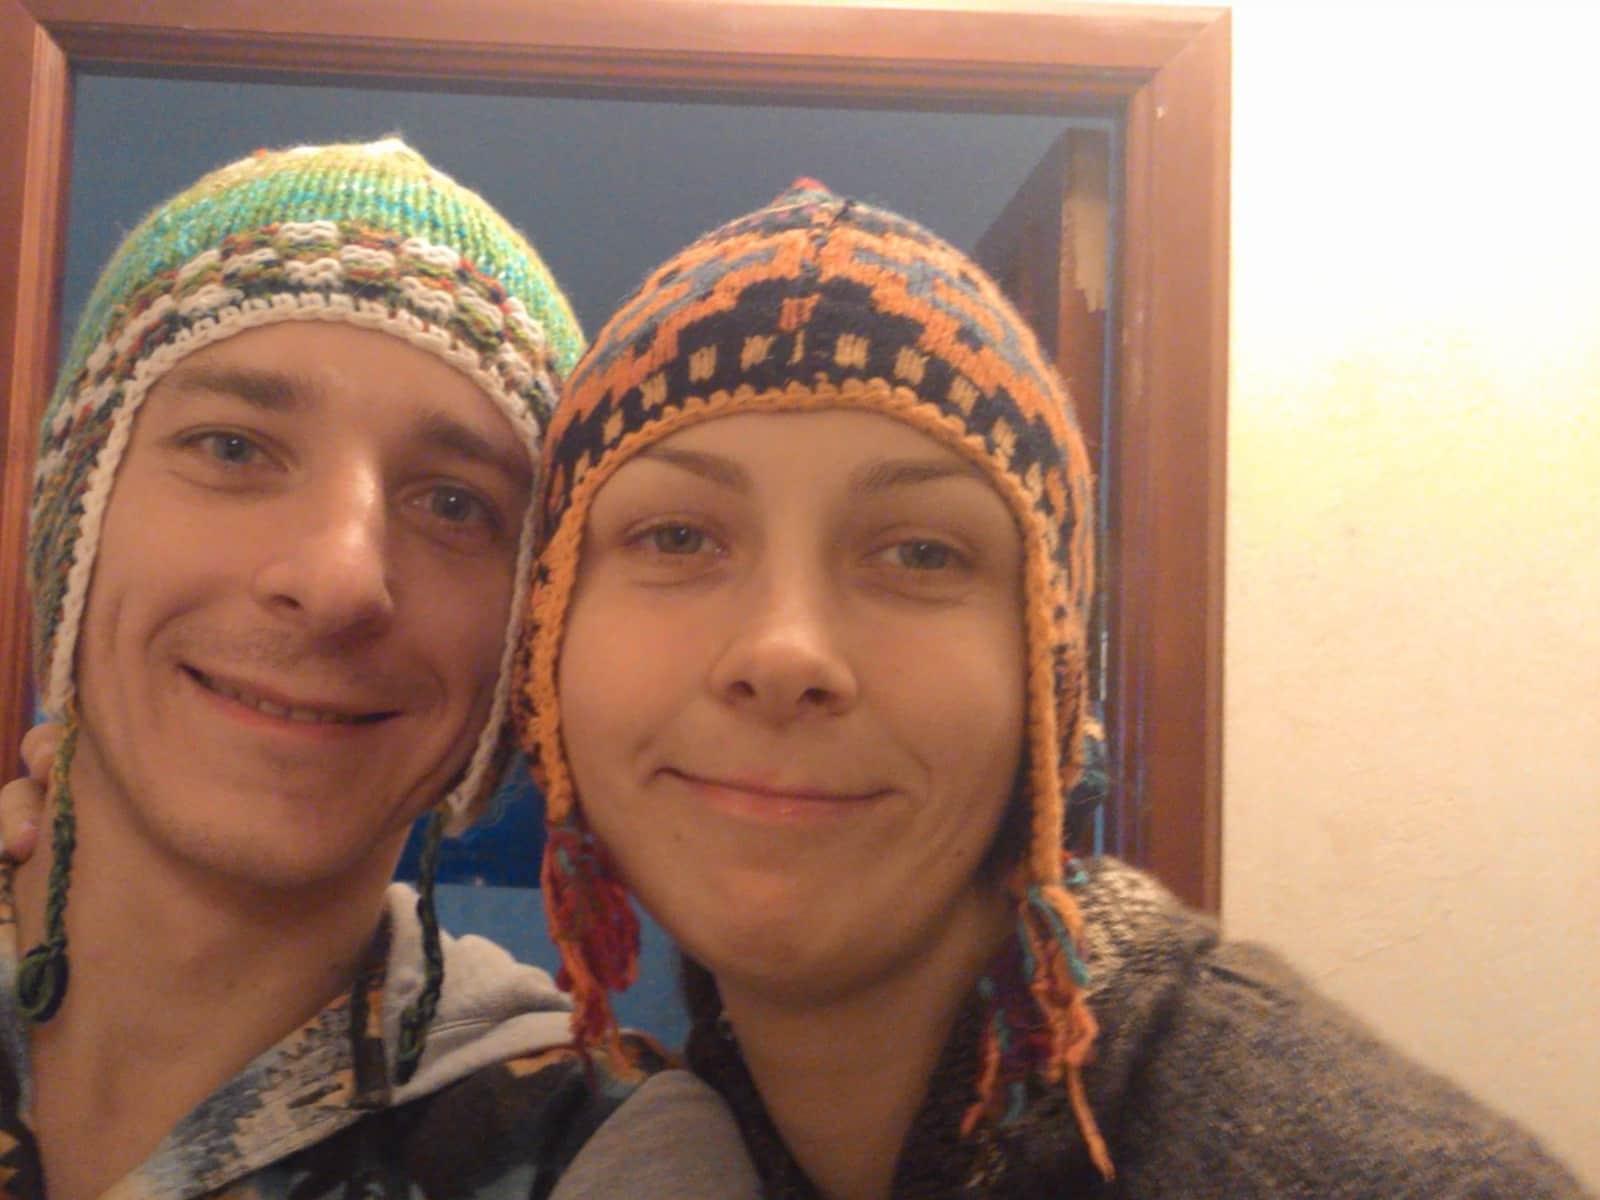 Andrei & Alesia from Minsk, Belarus